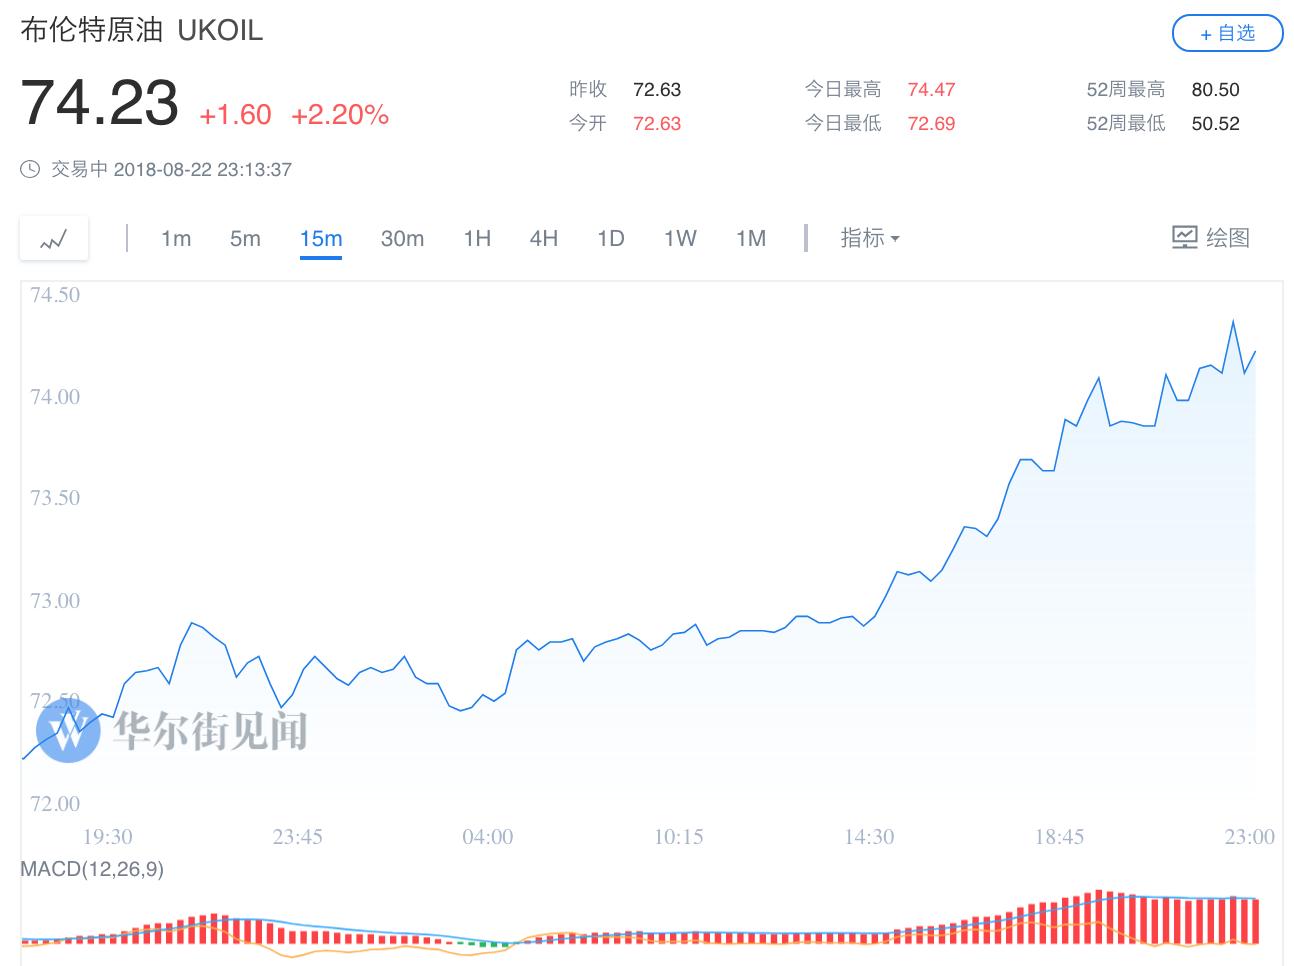 美国EIA原油库存降幅大幅超预期 美元走弱  油价涨超2%